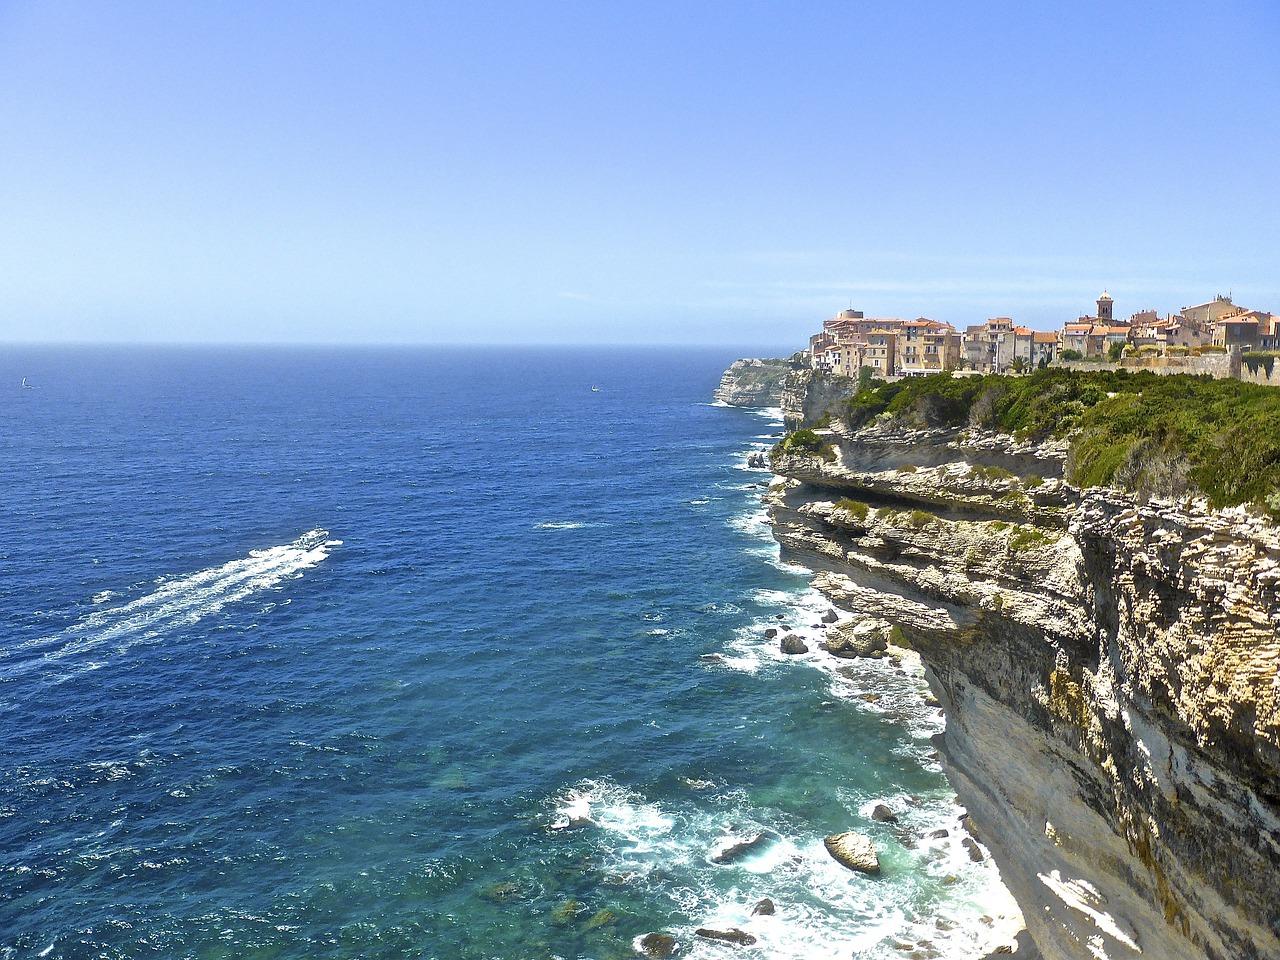 bonifacio voyage de luxe en Corse